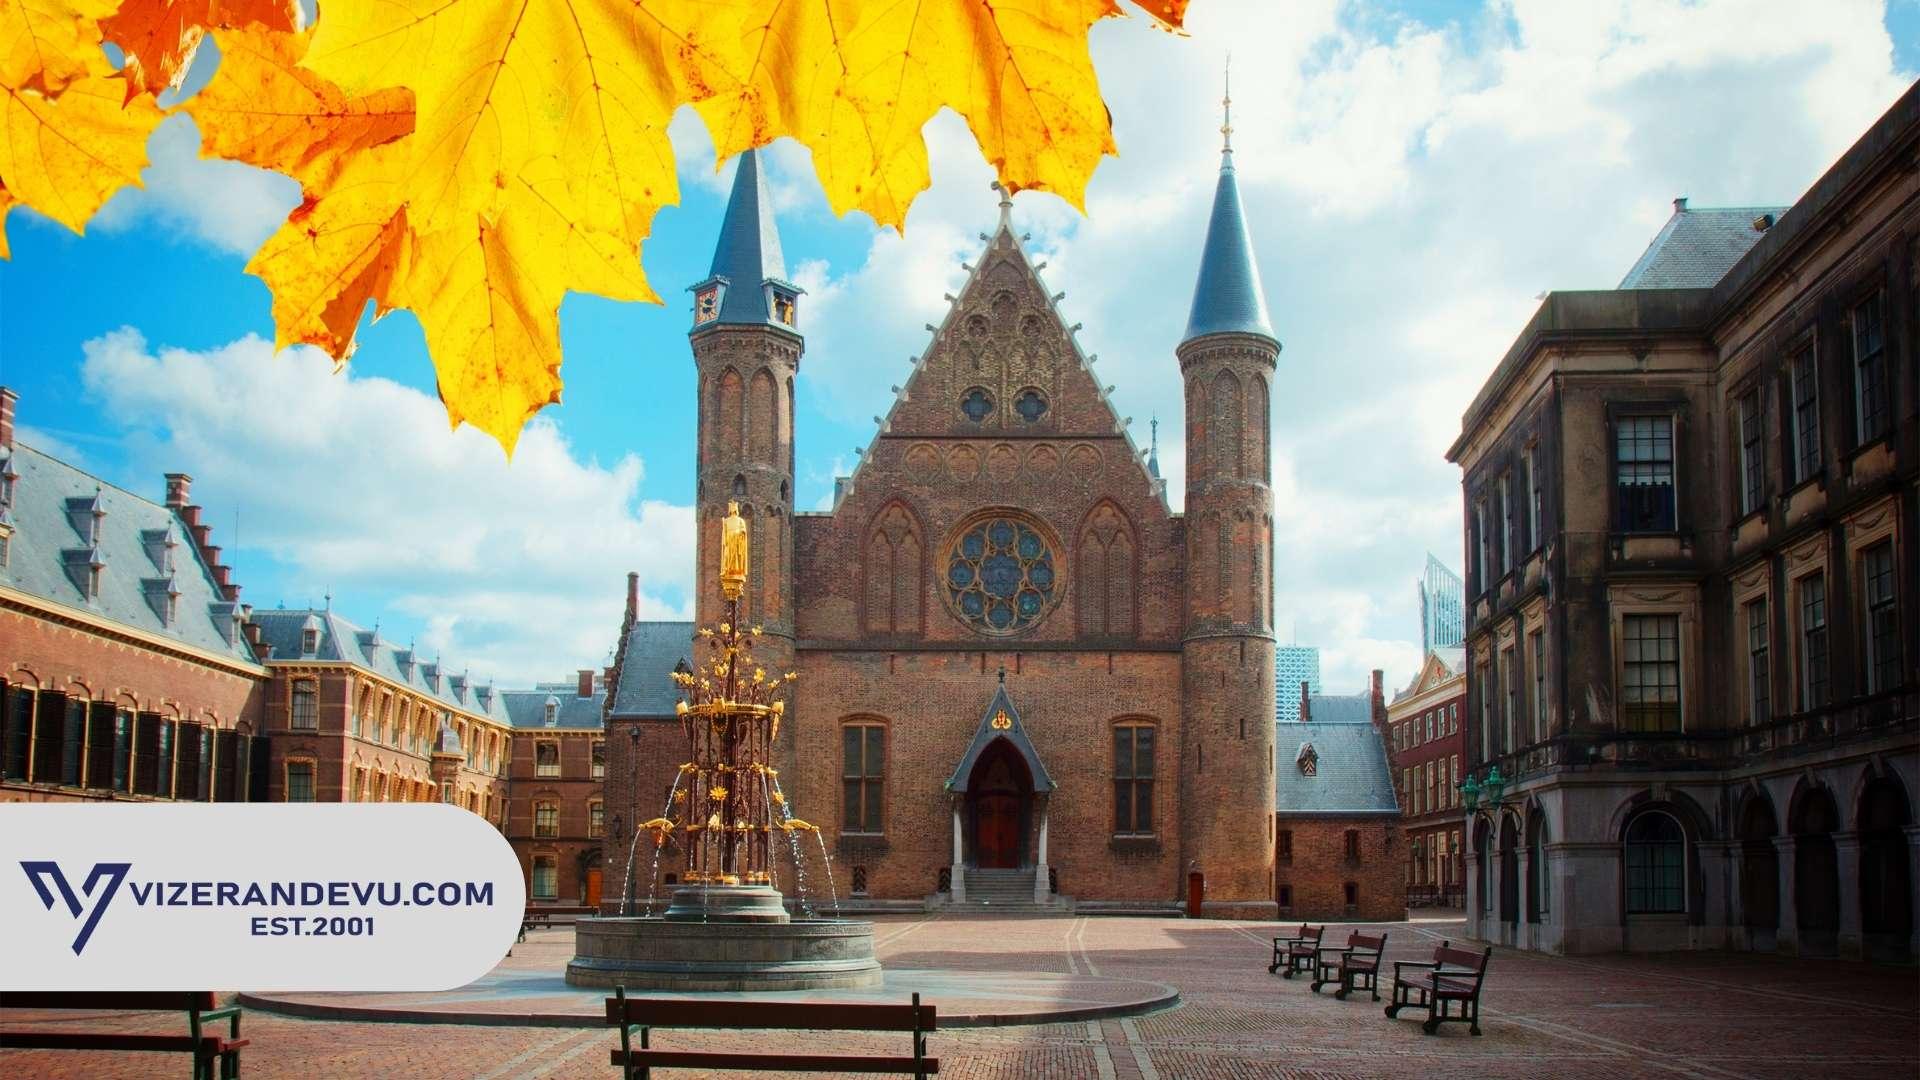 Hollanda Vizesi Başvurusunda Hangi Belgeler Gerekir?